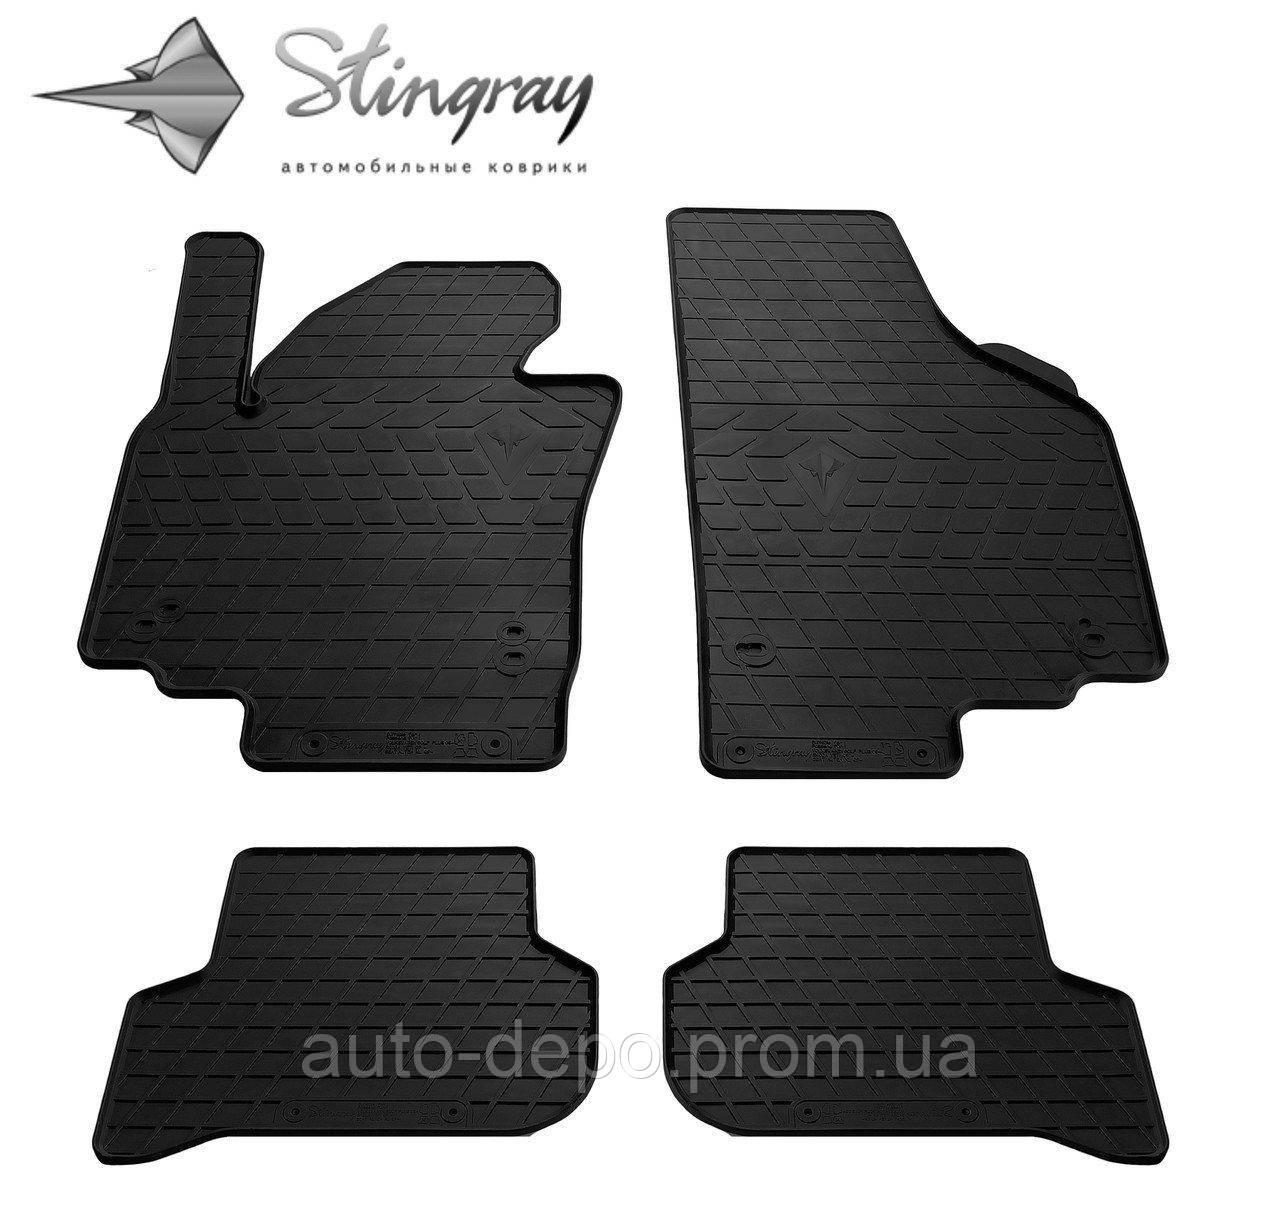 Коврики автомобильные для Volkswagen Golf Plus 2005- Stingray